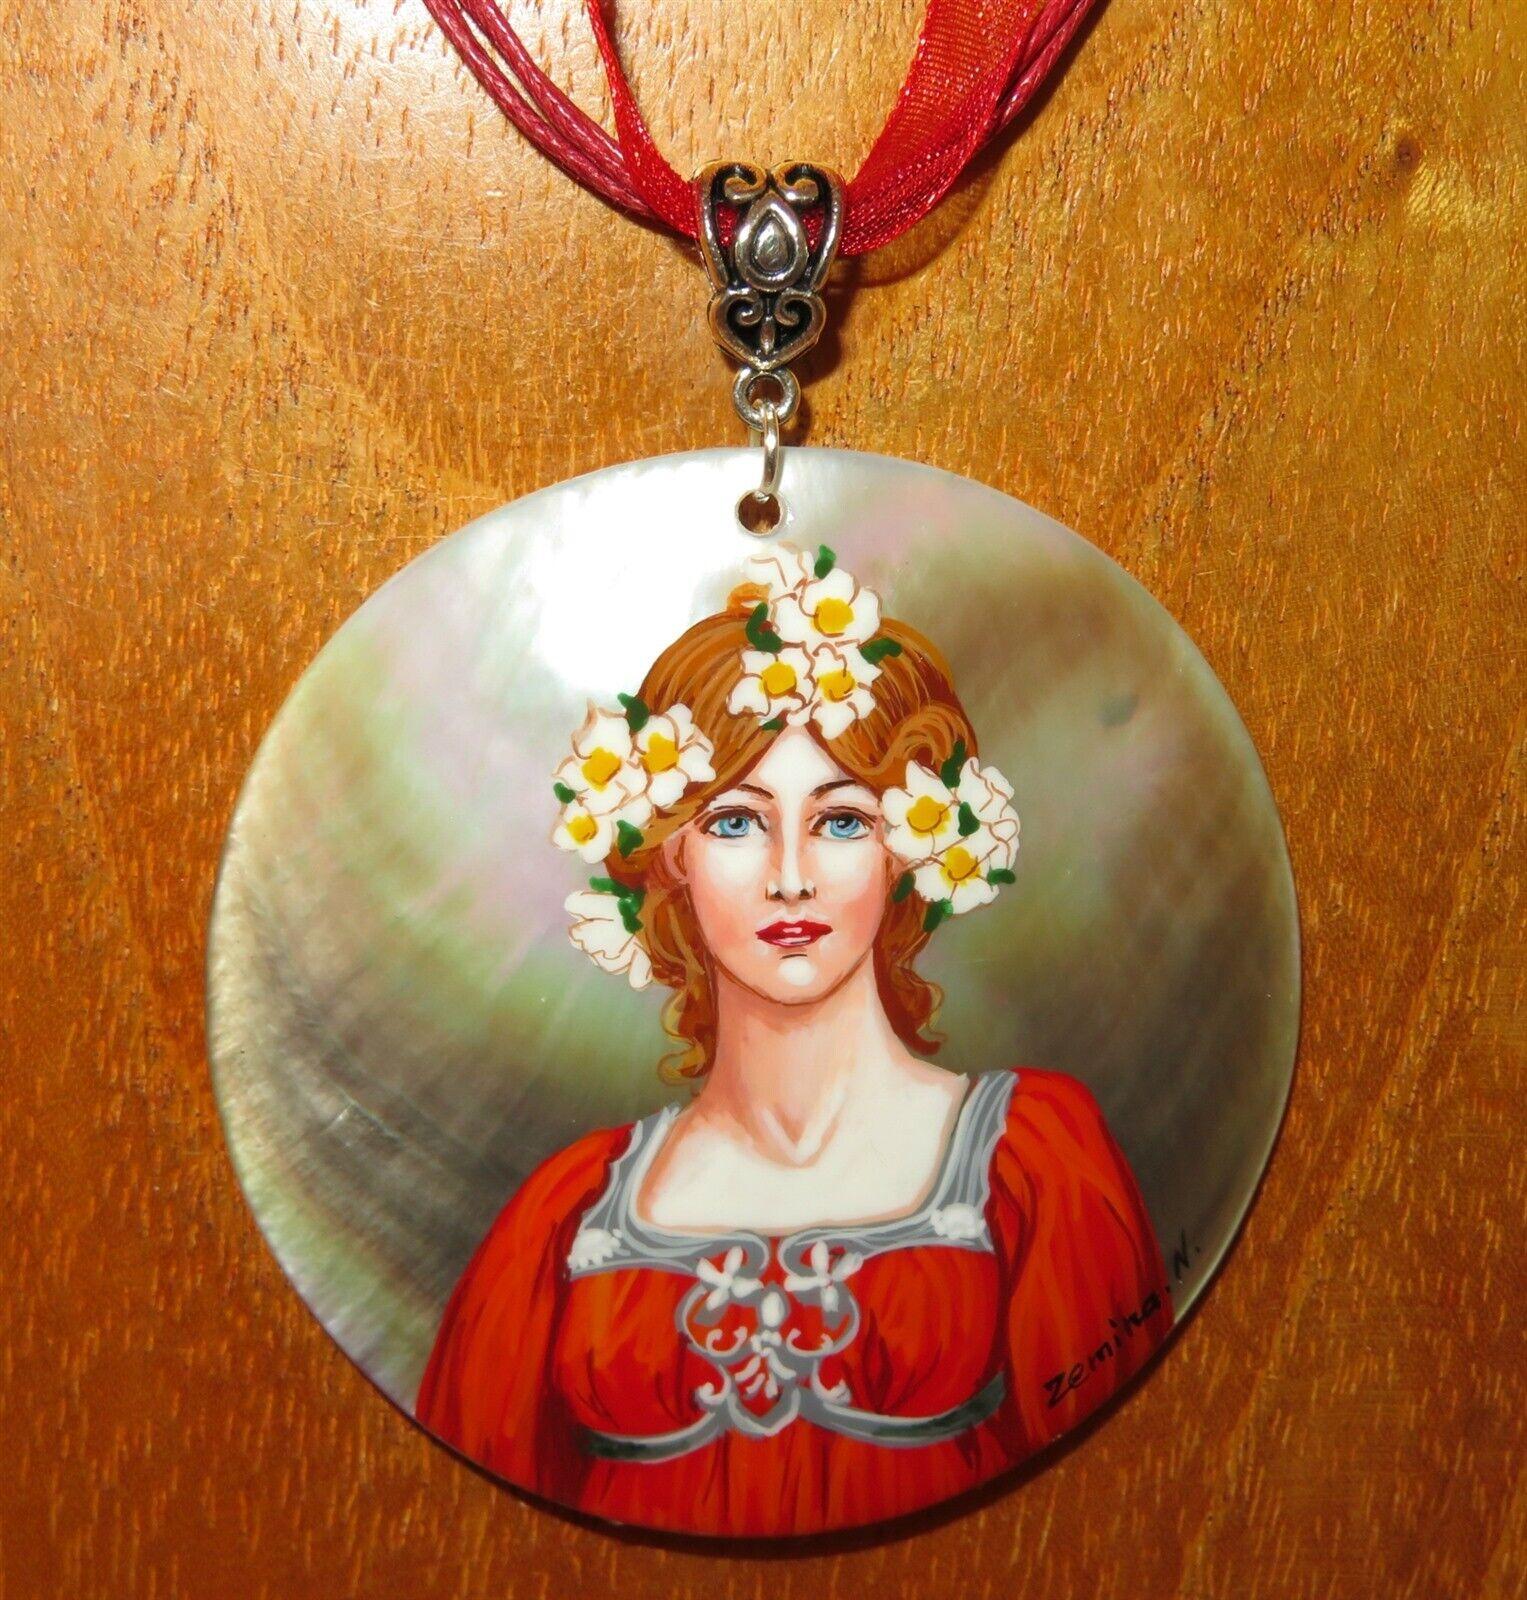 Colgante Elisabeth Sonrel Niña en red Pintado a Mano Carcasa Art Nouveau